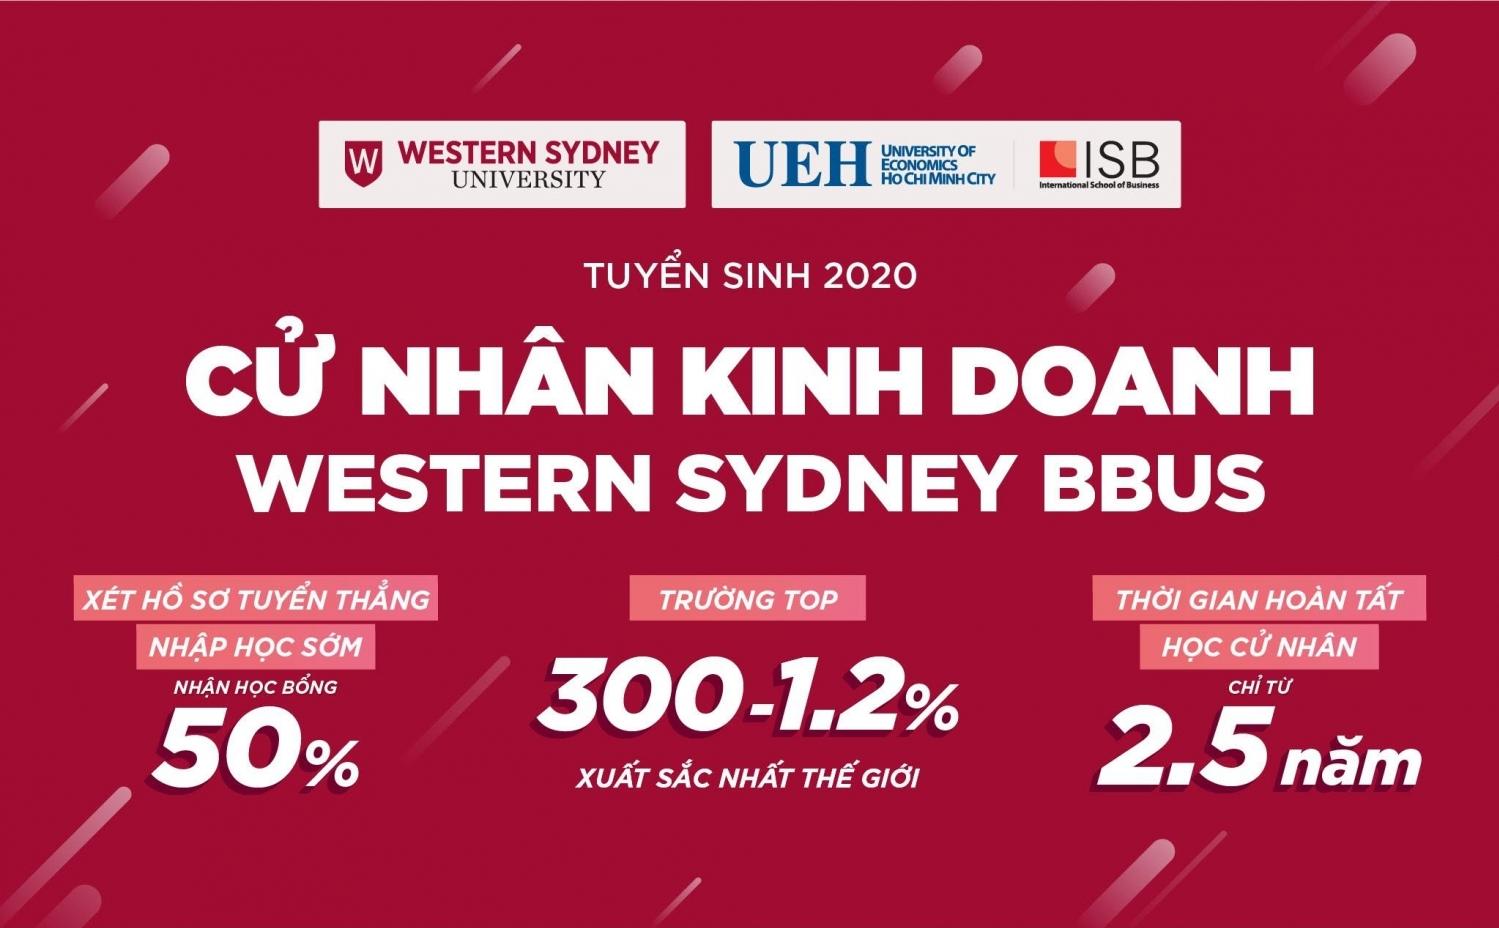 vien isb dai hoc kinh te tp hcm xet ho so tuyen thang cu nhan kinh doanh western sydney bbus nhan hoc bong 50